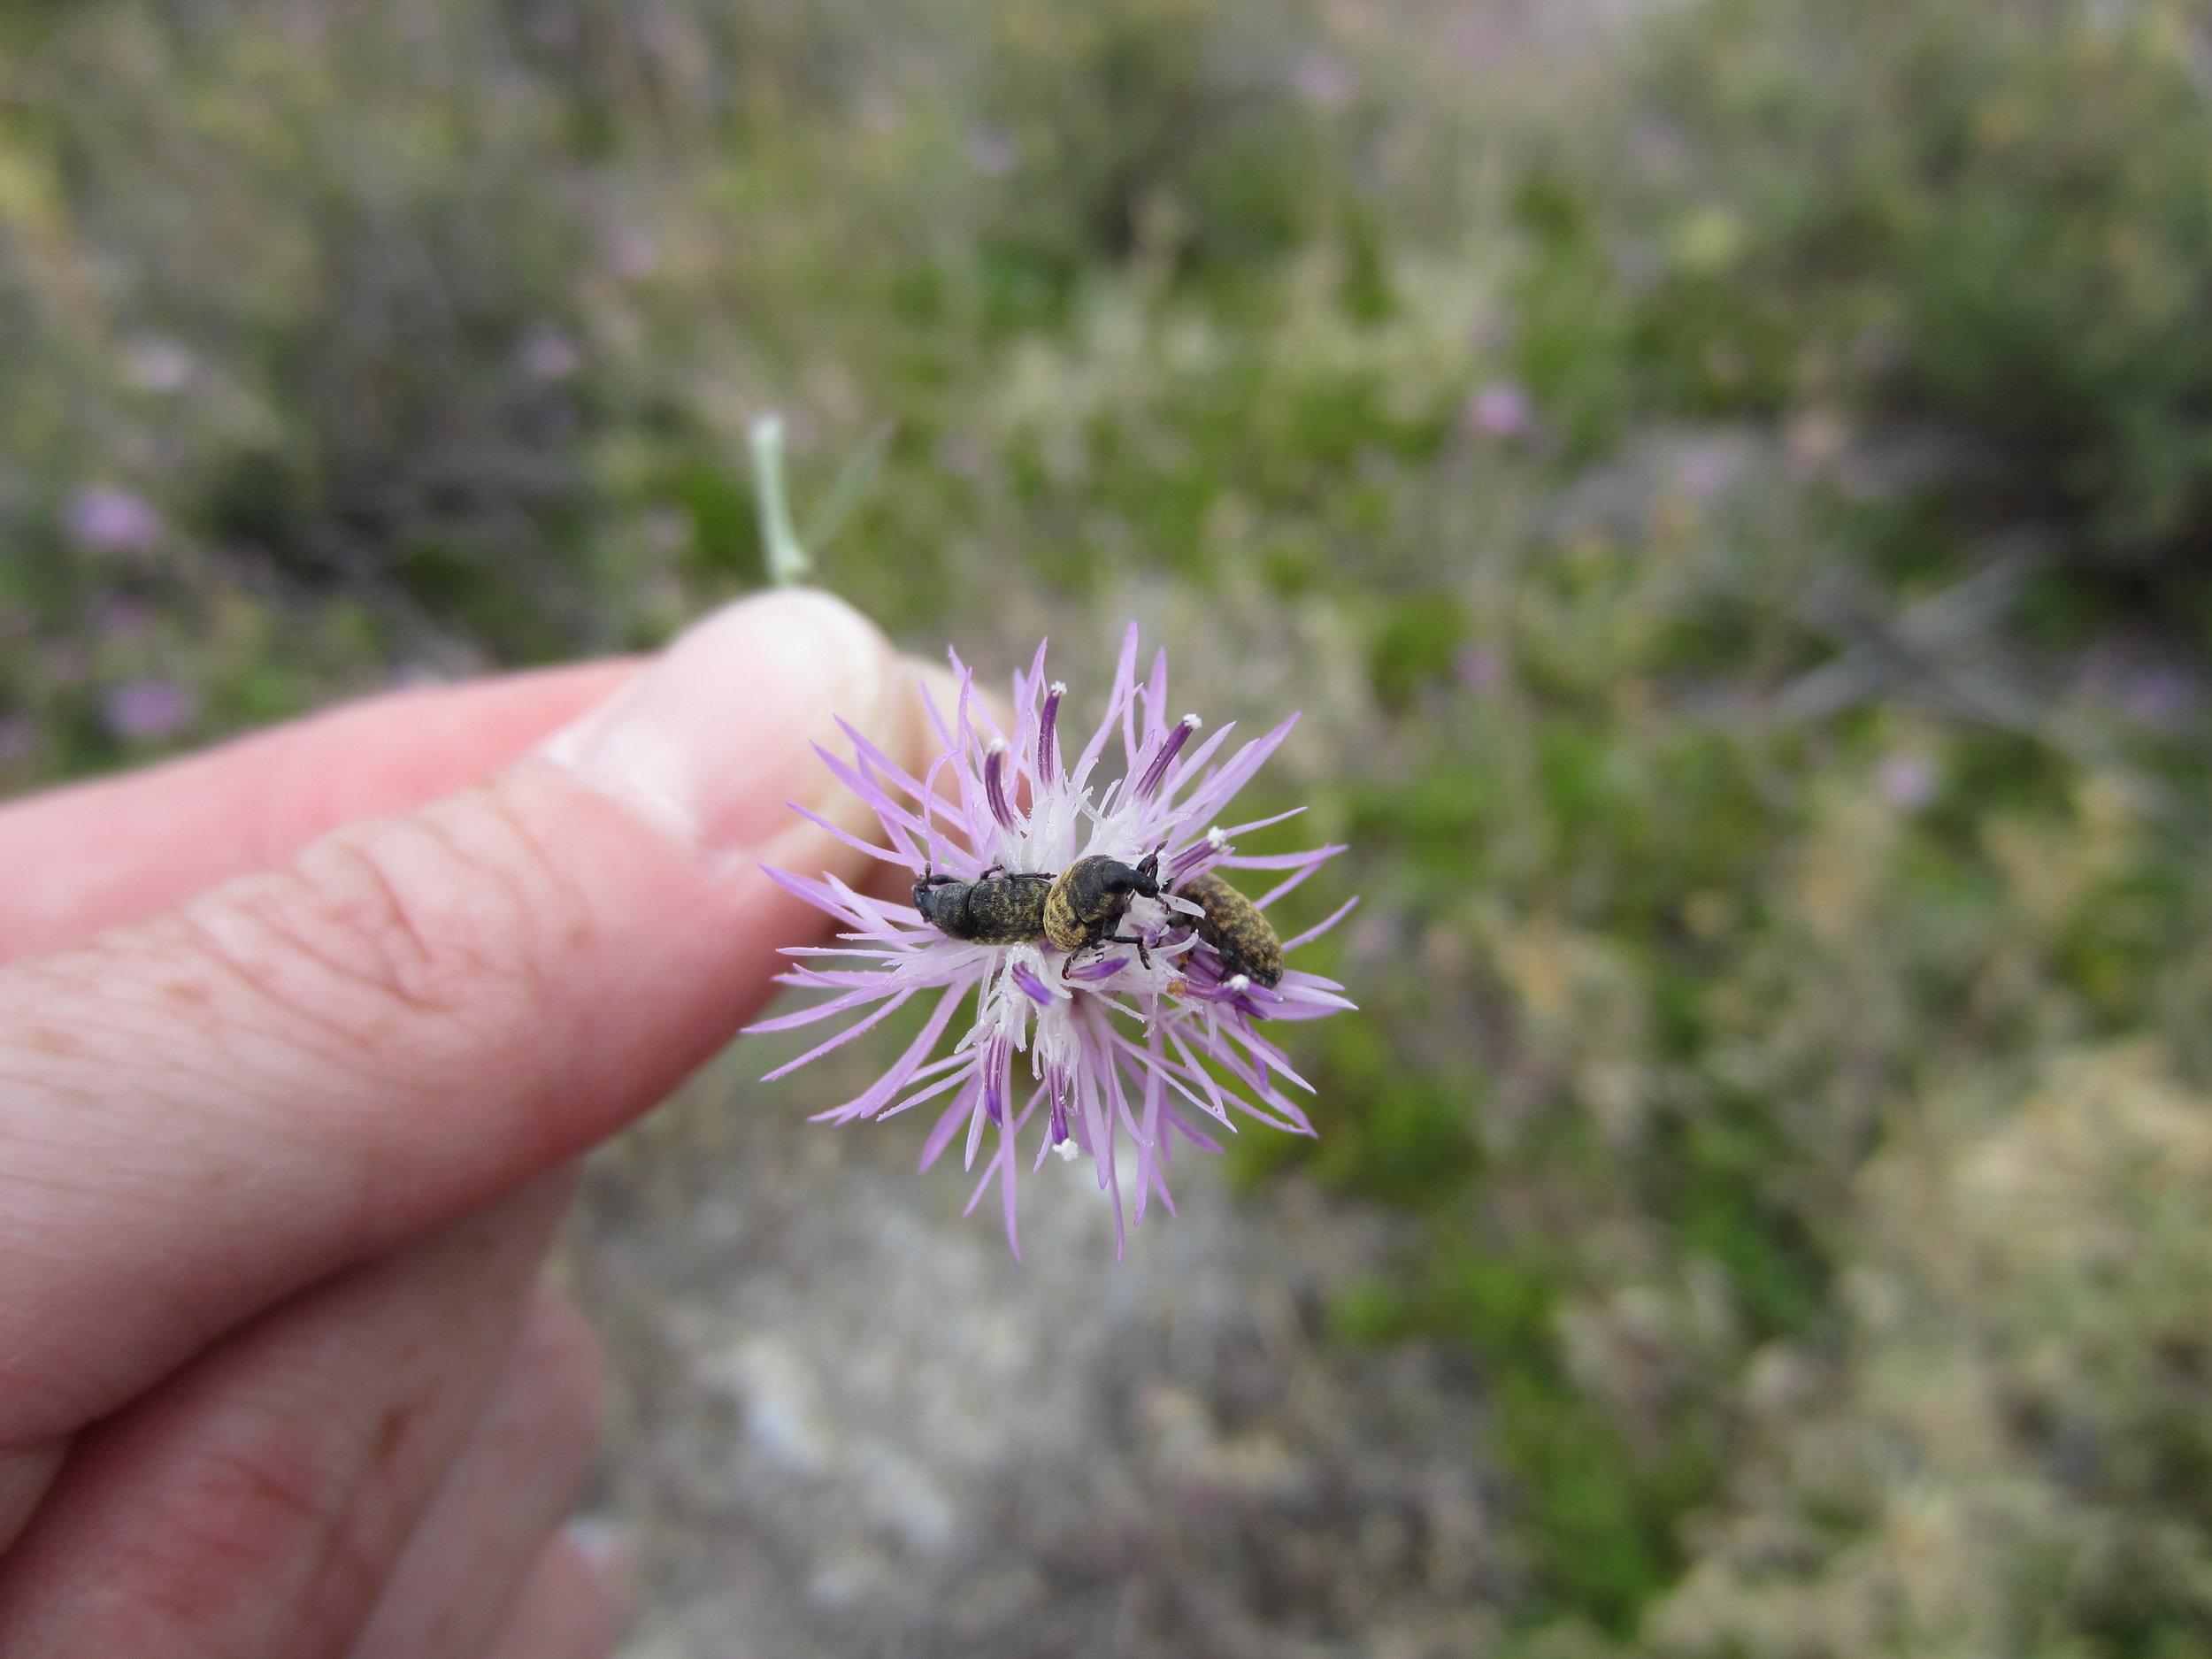 Knapweed root-boring weevils (Cyphocleonus)